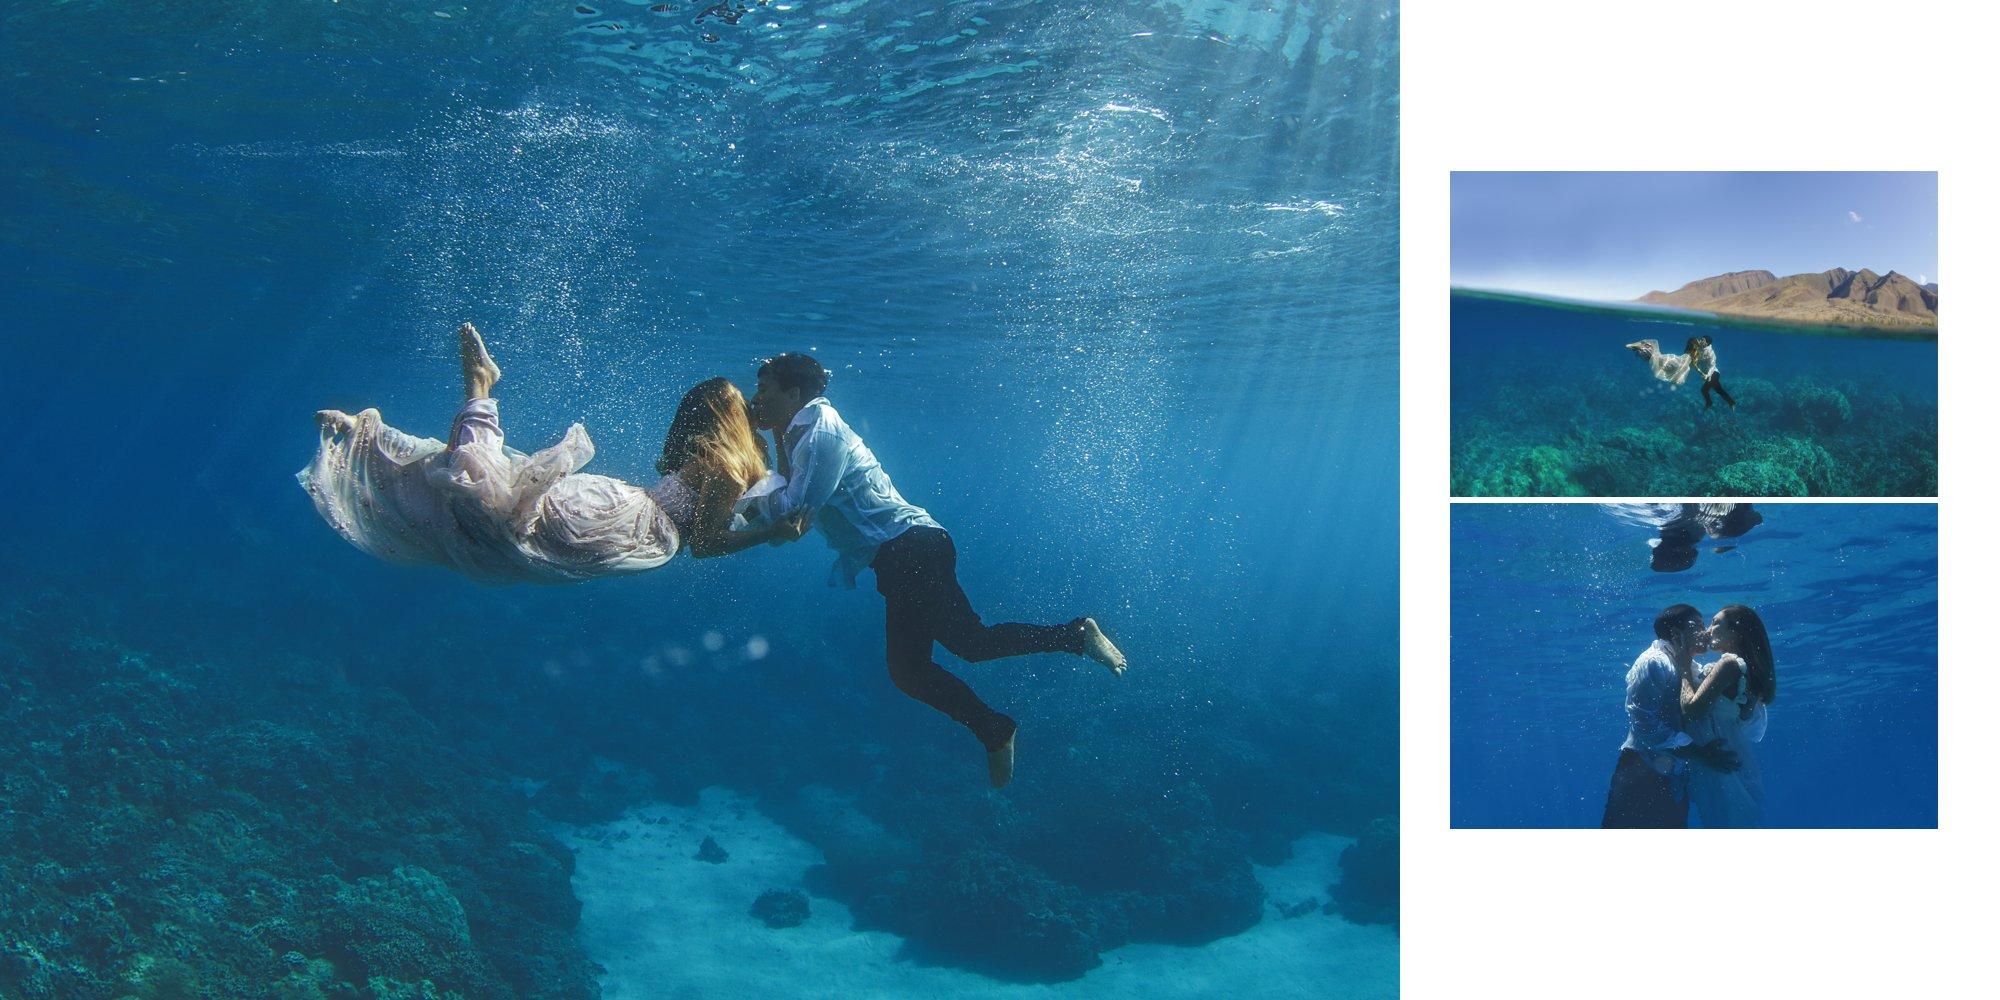 Фото трах девочек под водой 11 фотография